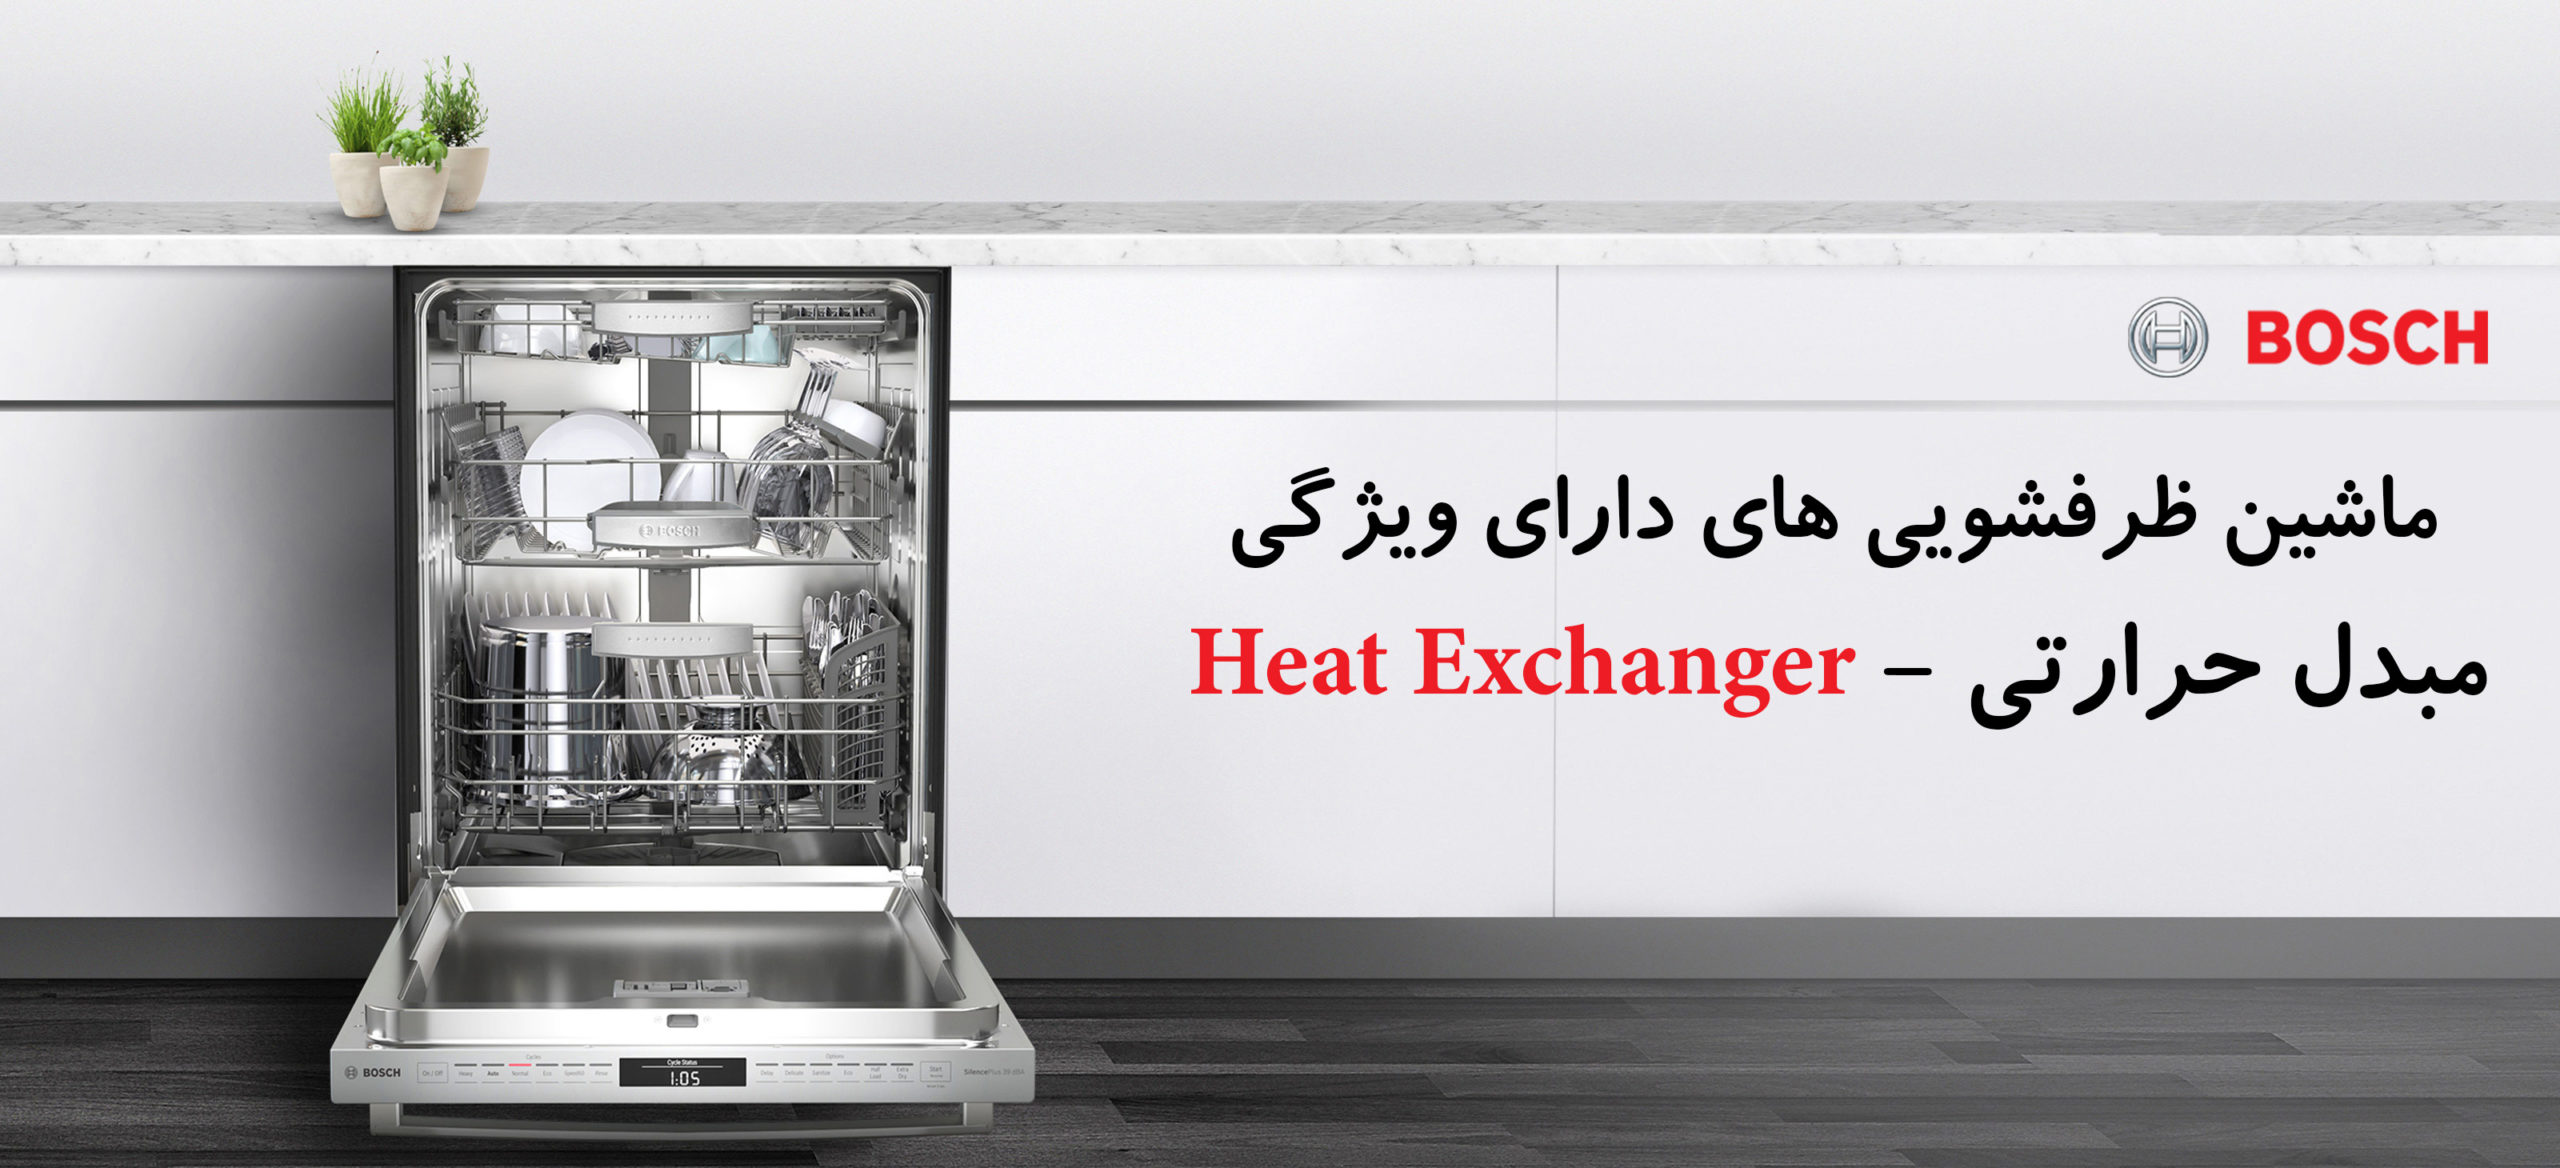 ویژگی مبدل حرارتی در ماشین ظرفشویی – Heat Exchanger